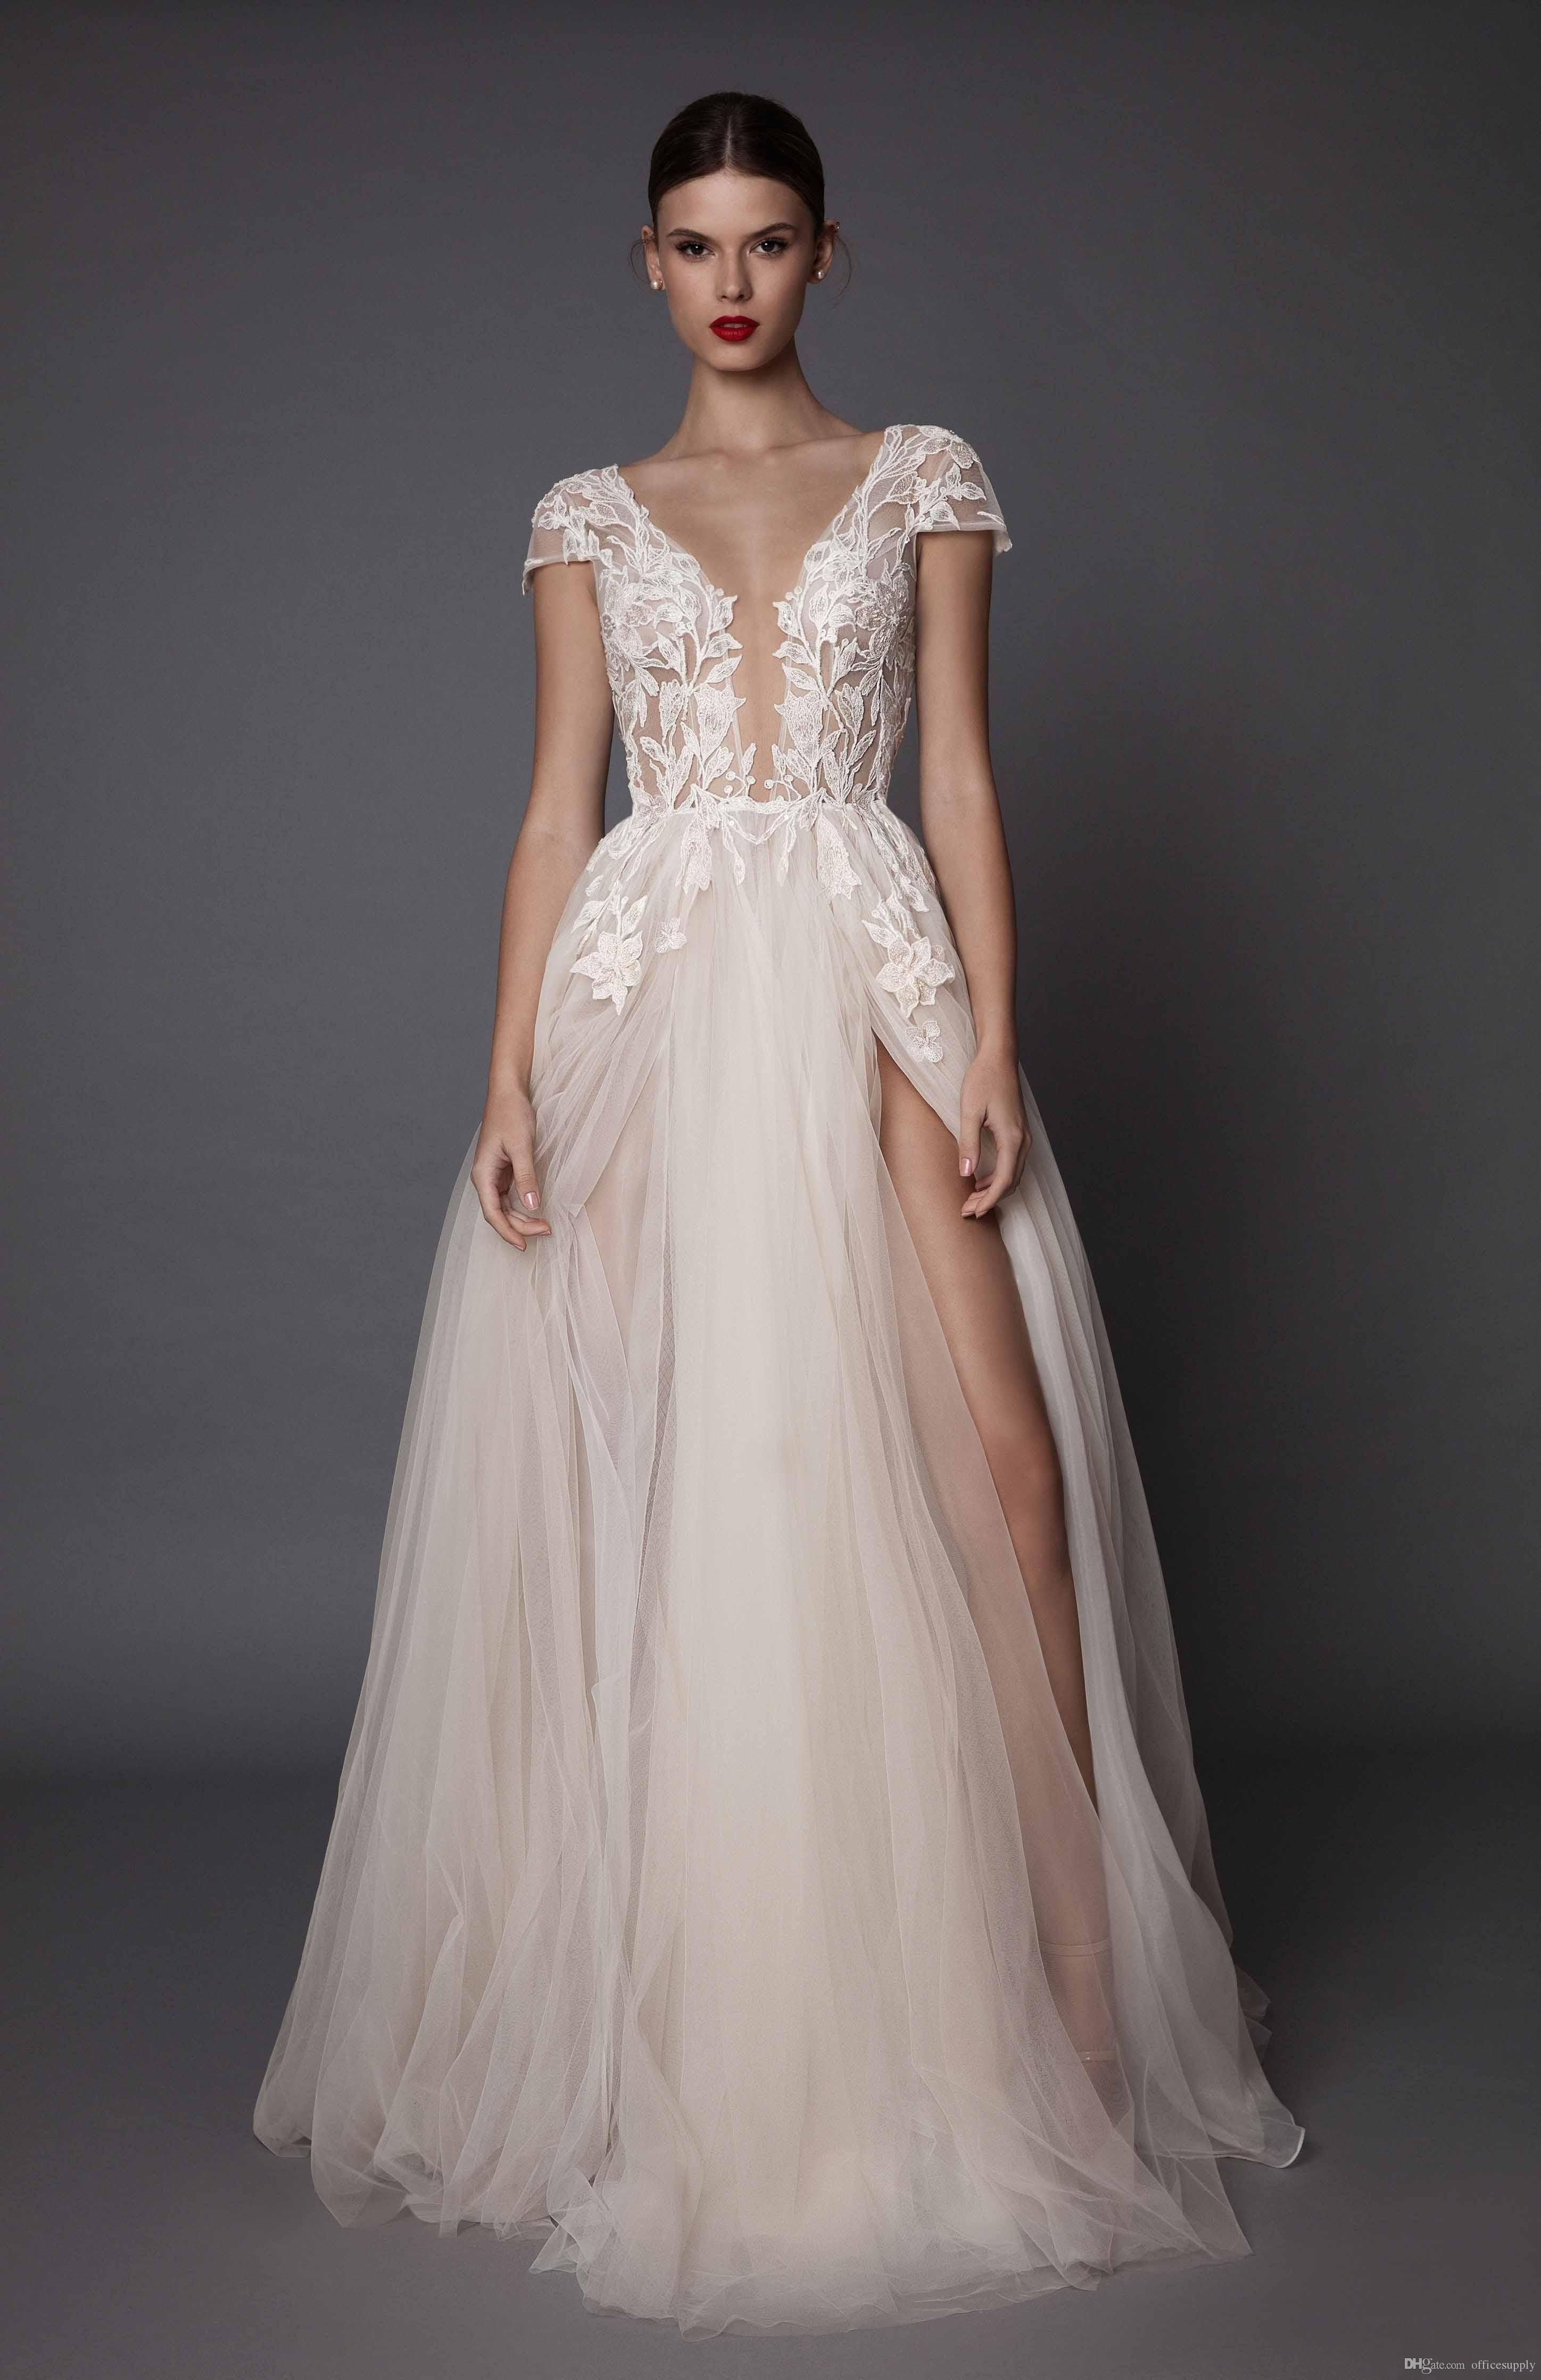 Cheap Wedding Dress Online Usa